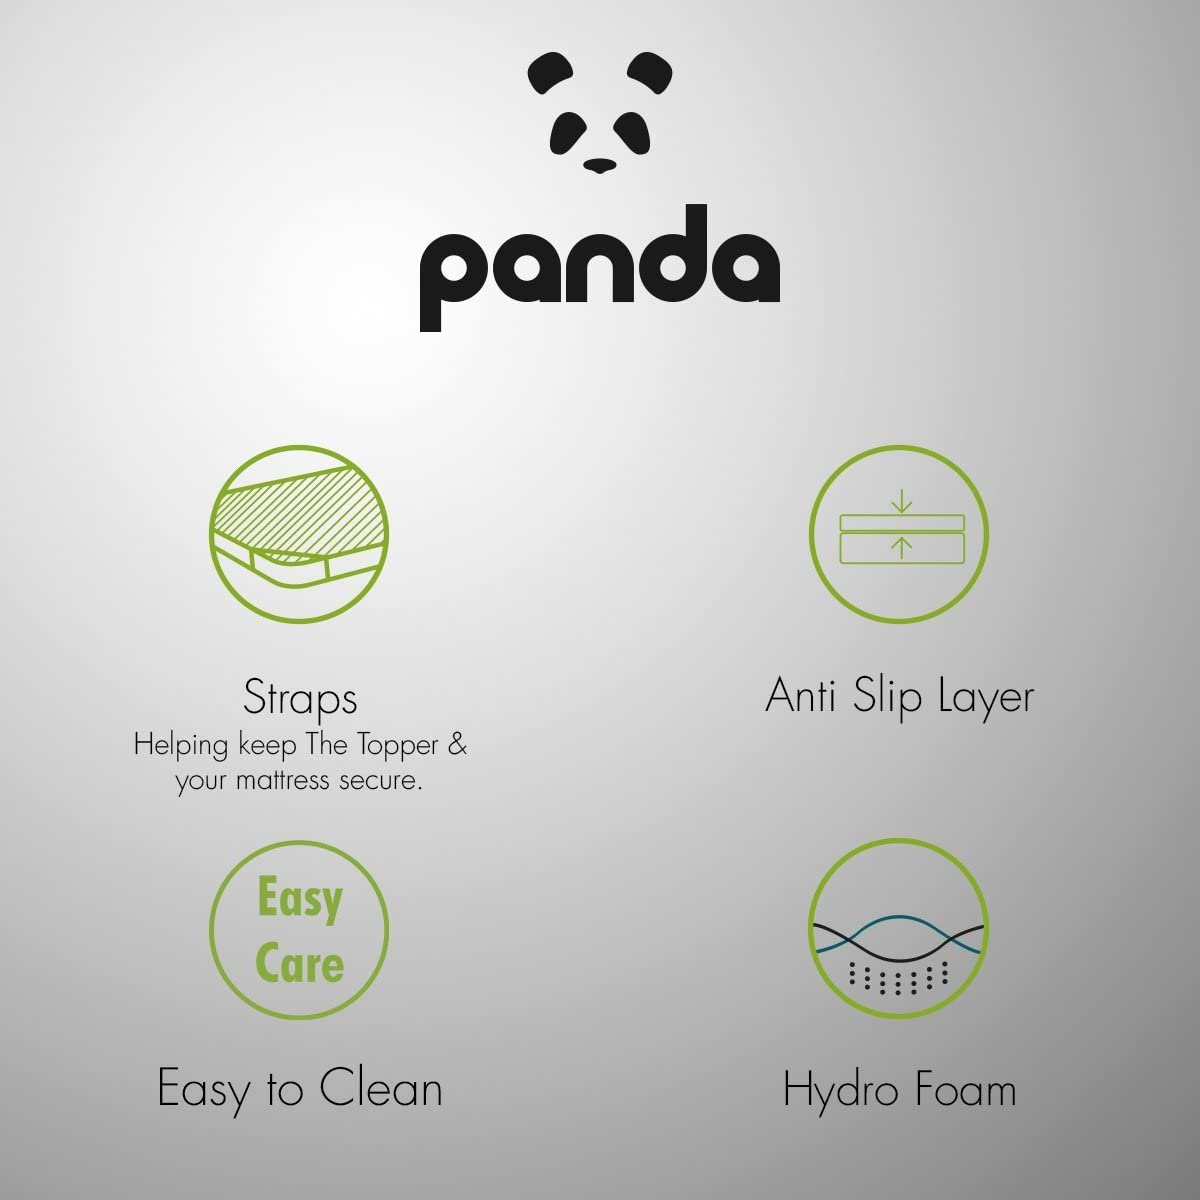 UK Doppio Copri materasso Bamboo Il Copricuscino Panda - Con Inserto Di Gel Memory Foam Idro-Foam